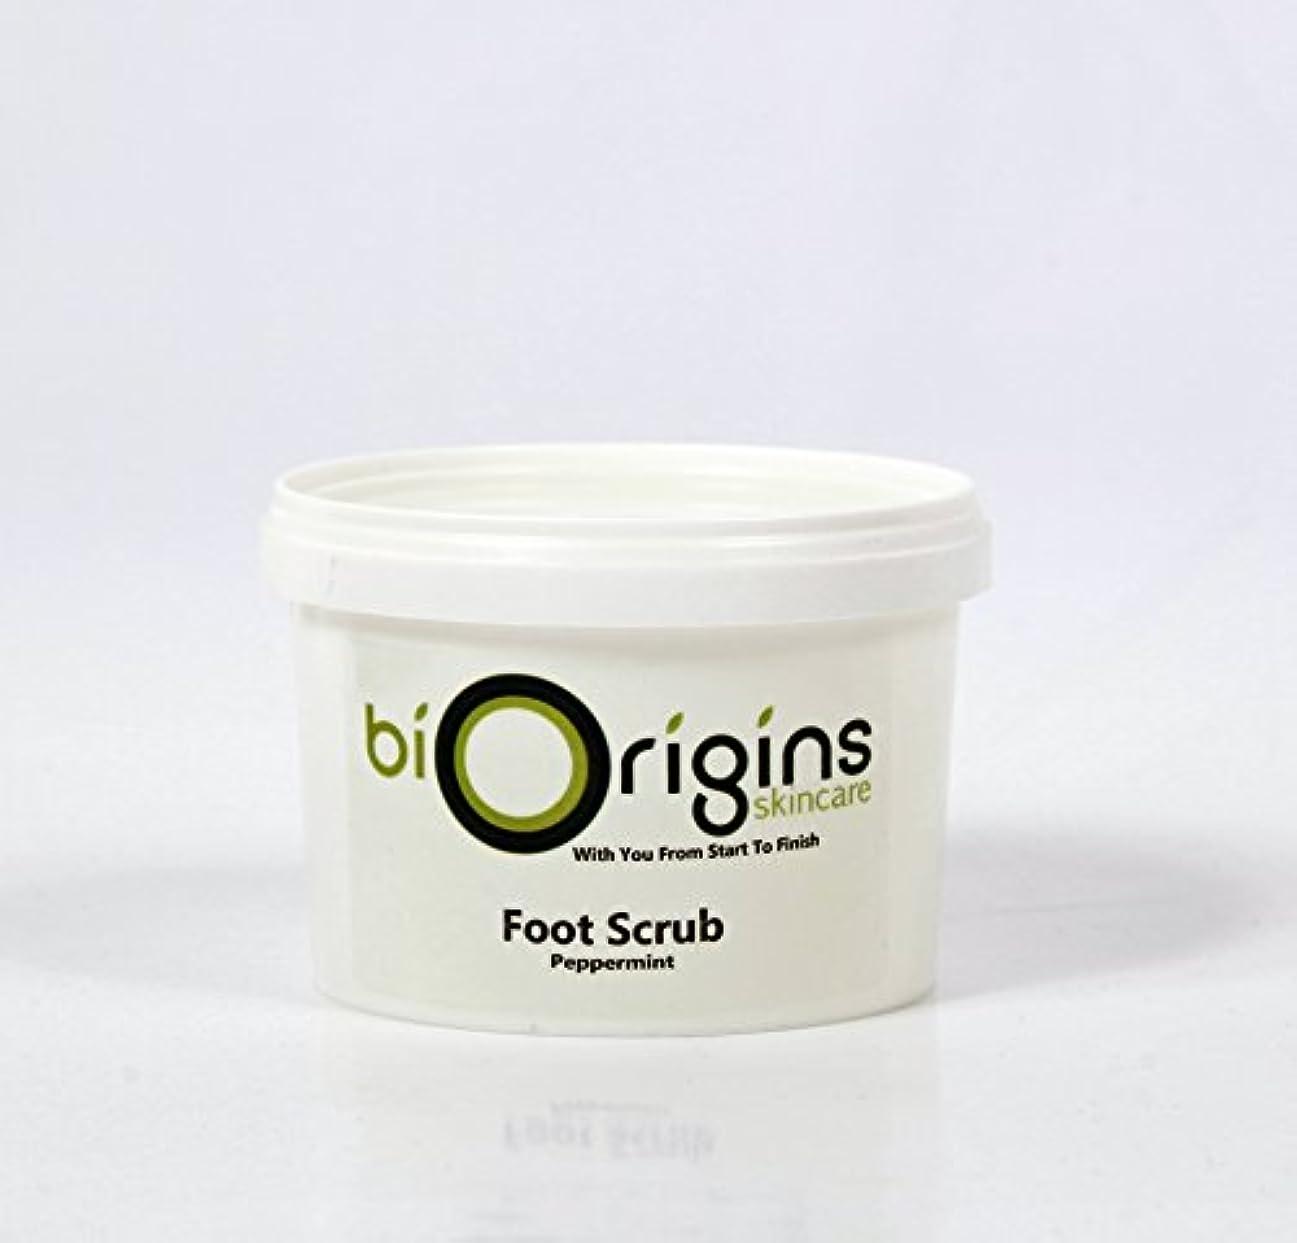 不安定なレイアアクセスできないFoot Scrub Peppermint - Botanical Skincare Base - 500g